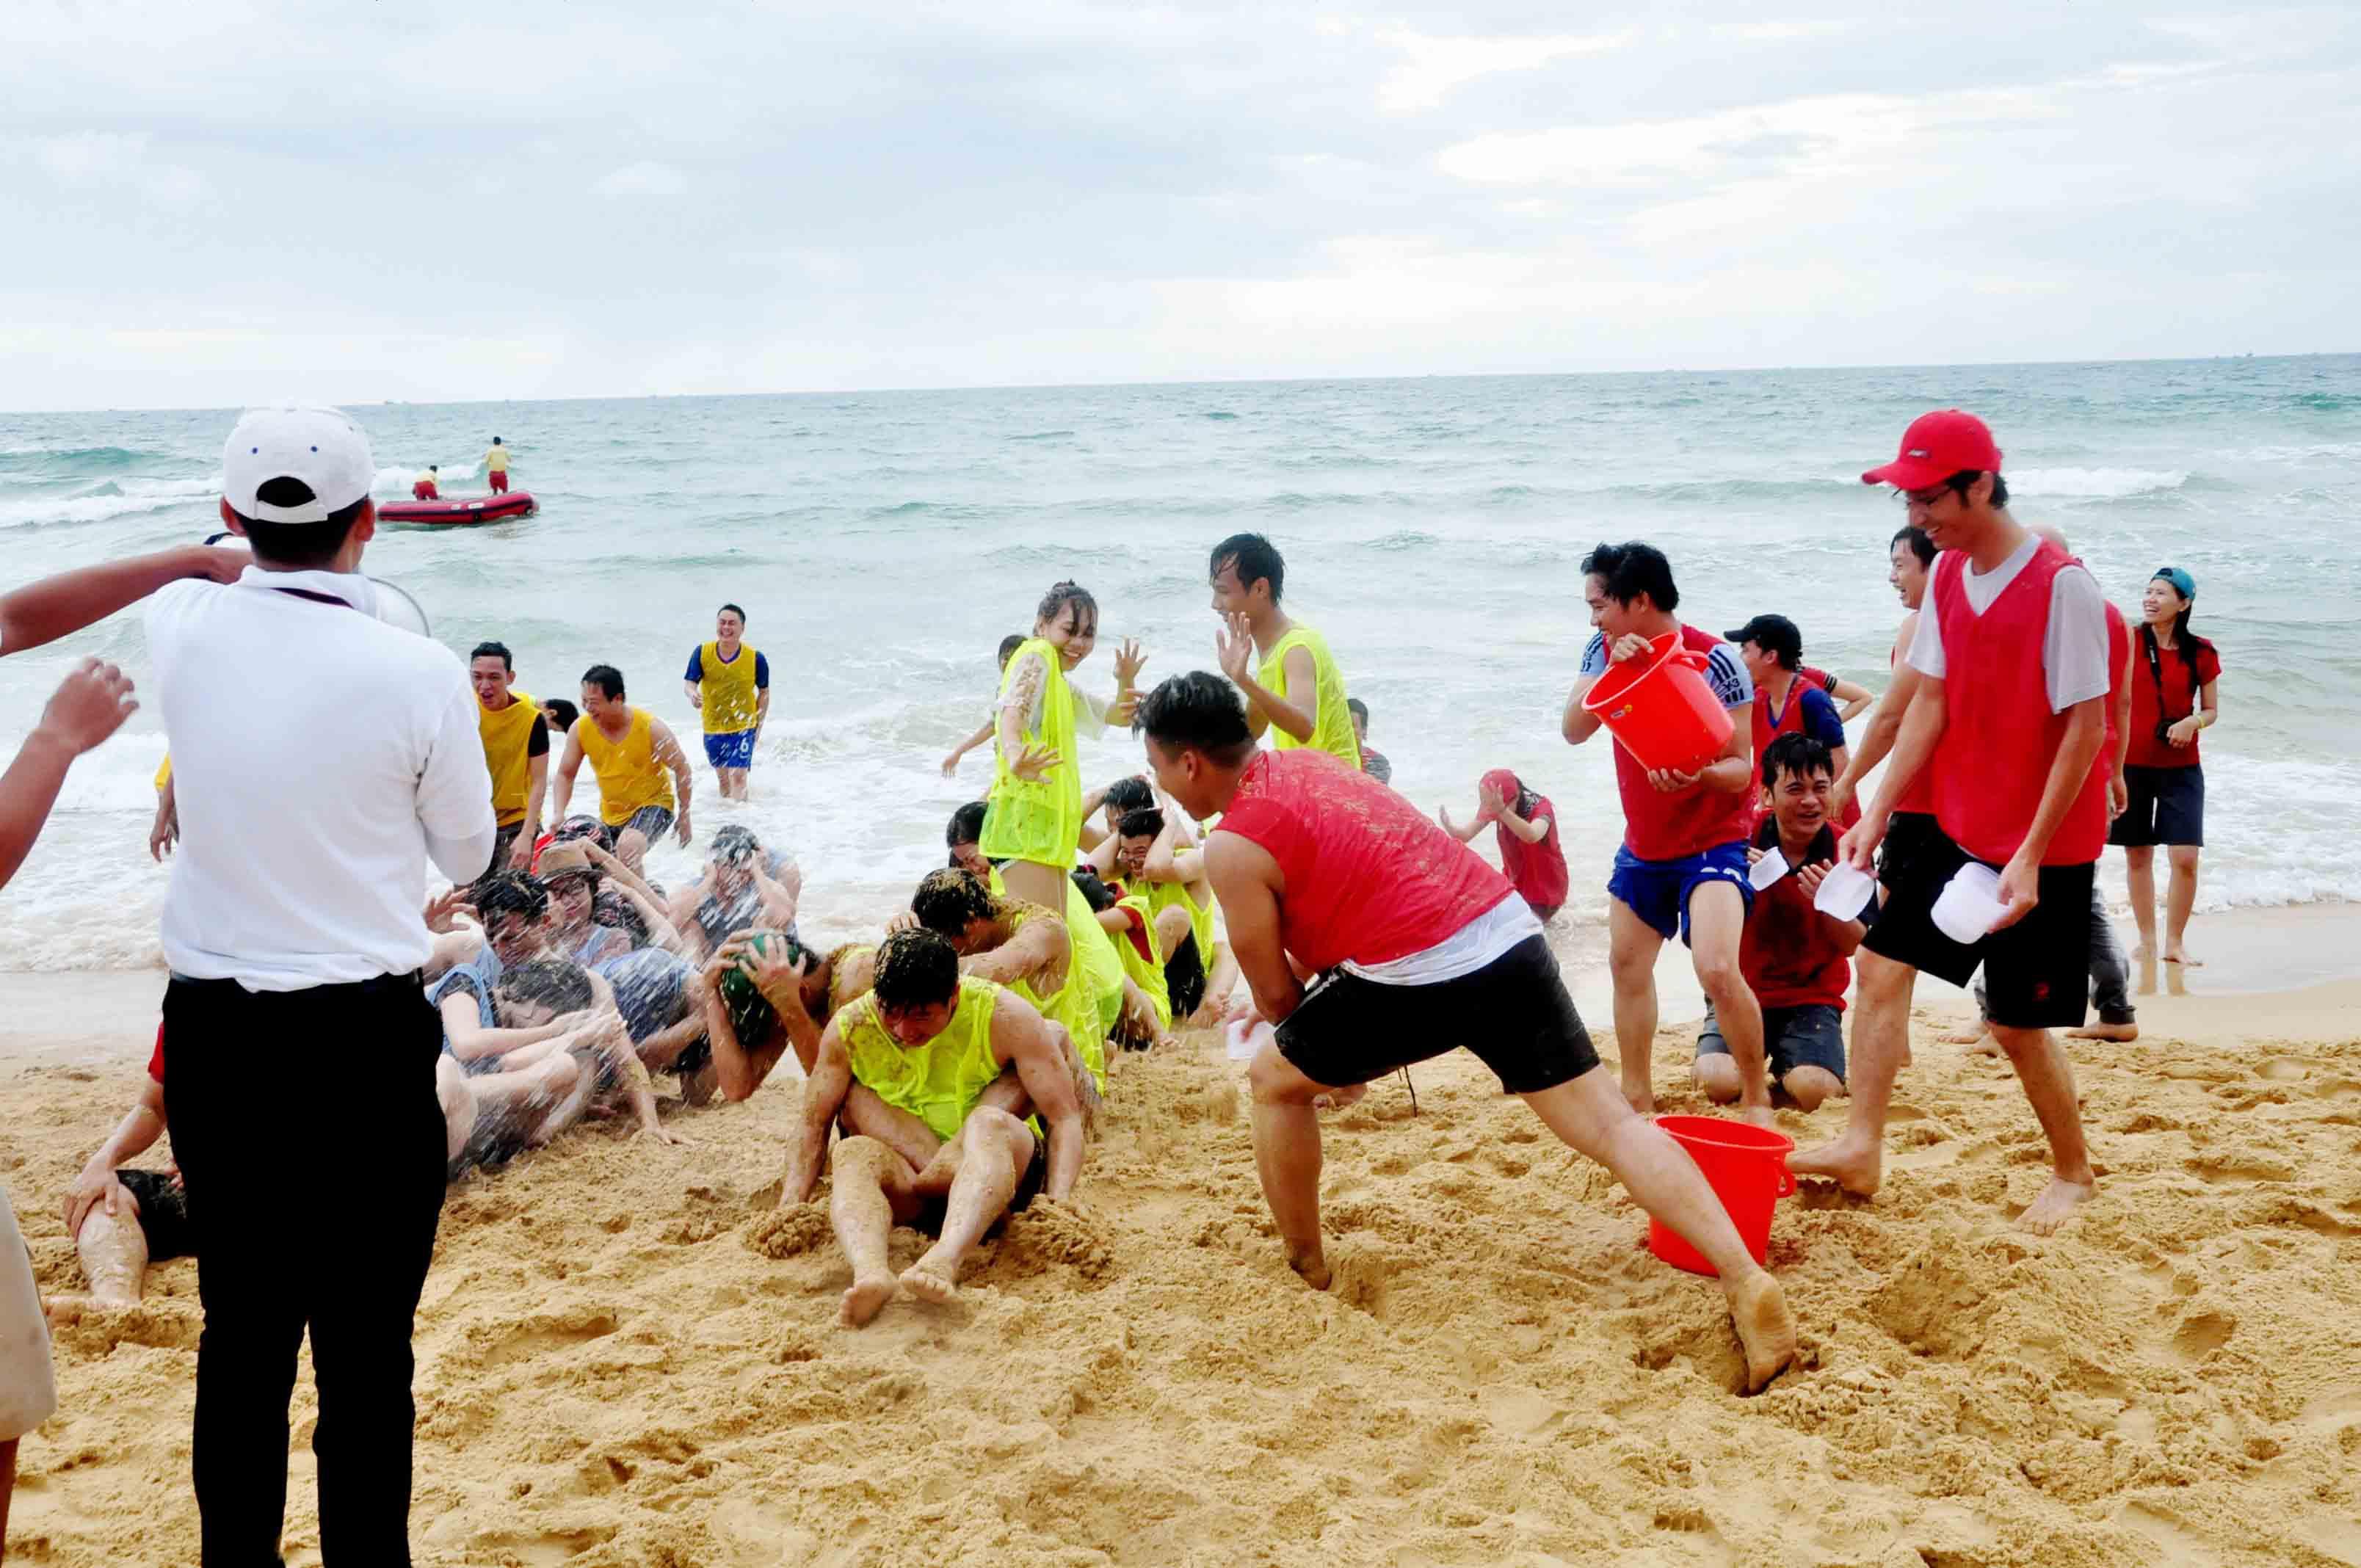 Hạo Phương du lịch nghỉ dưỡng tại Vinpearl Phú Quốc, ảnh 16